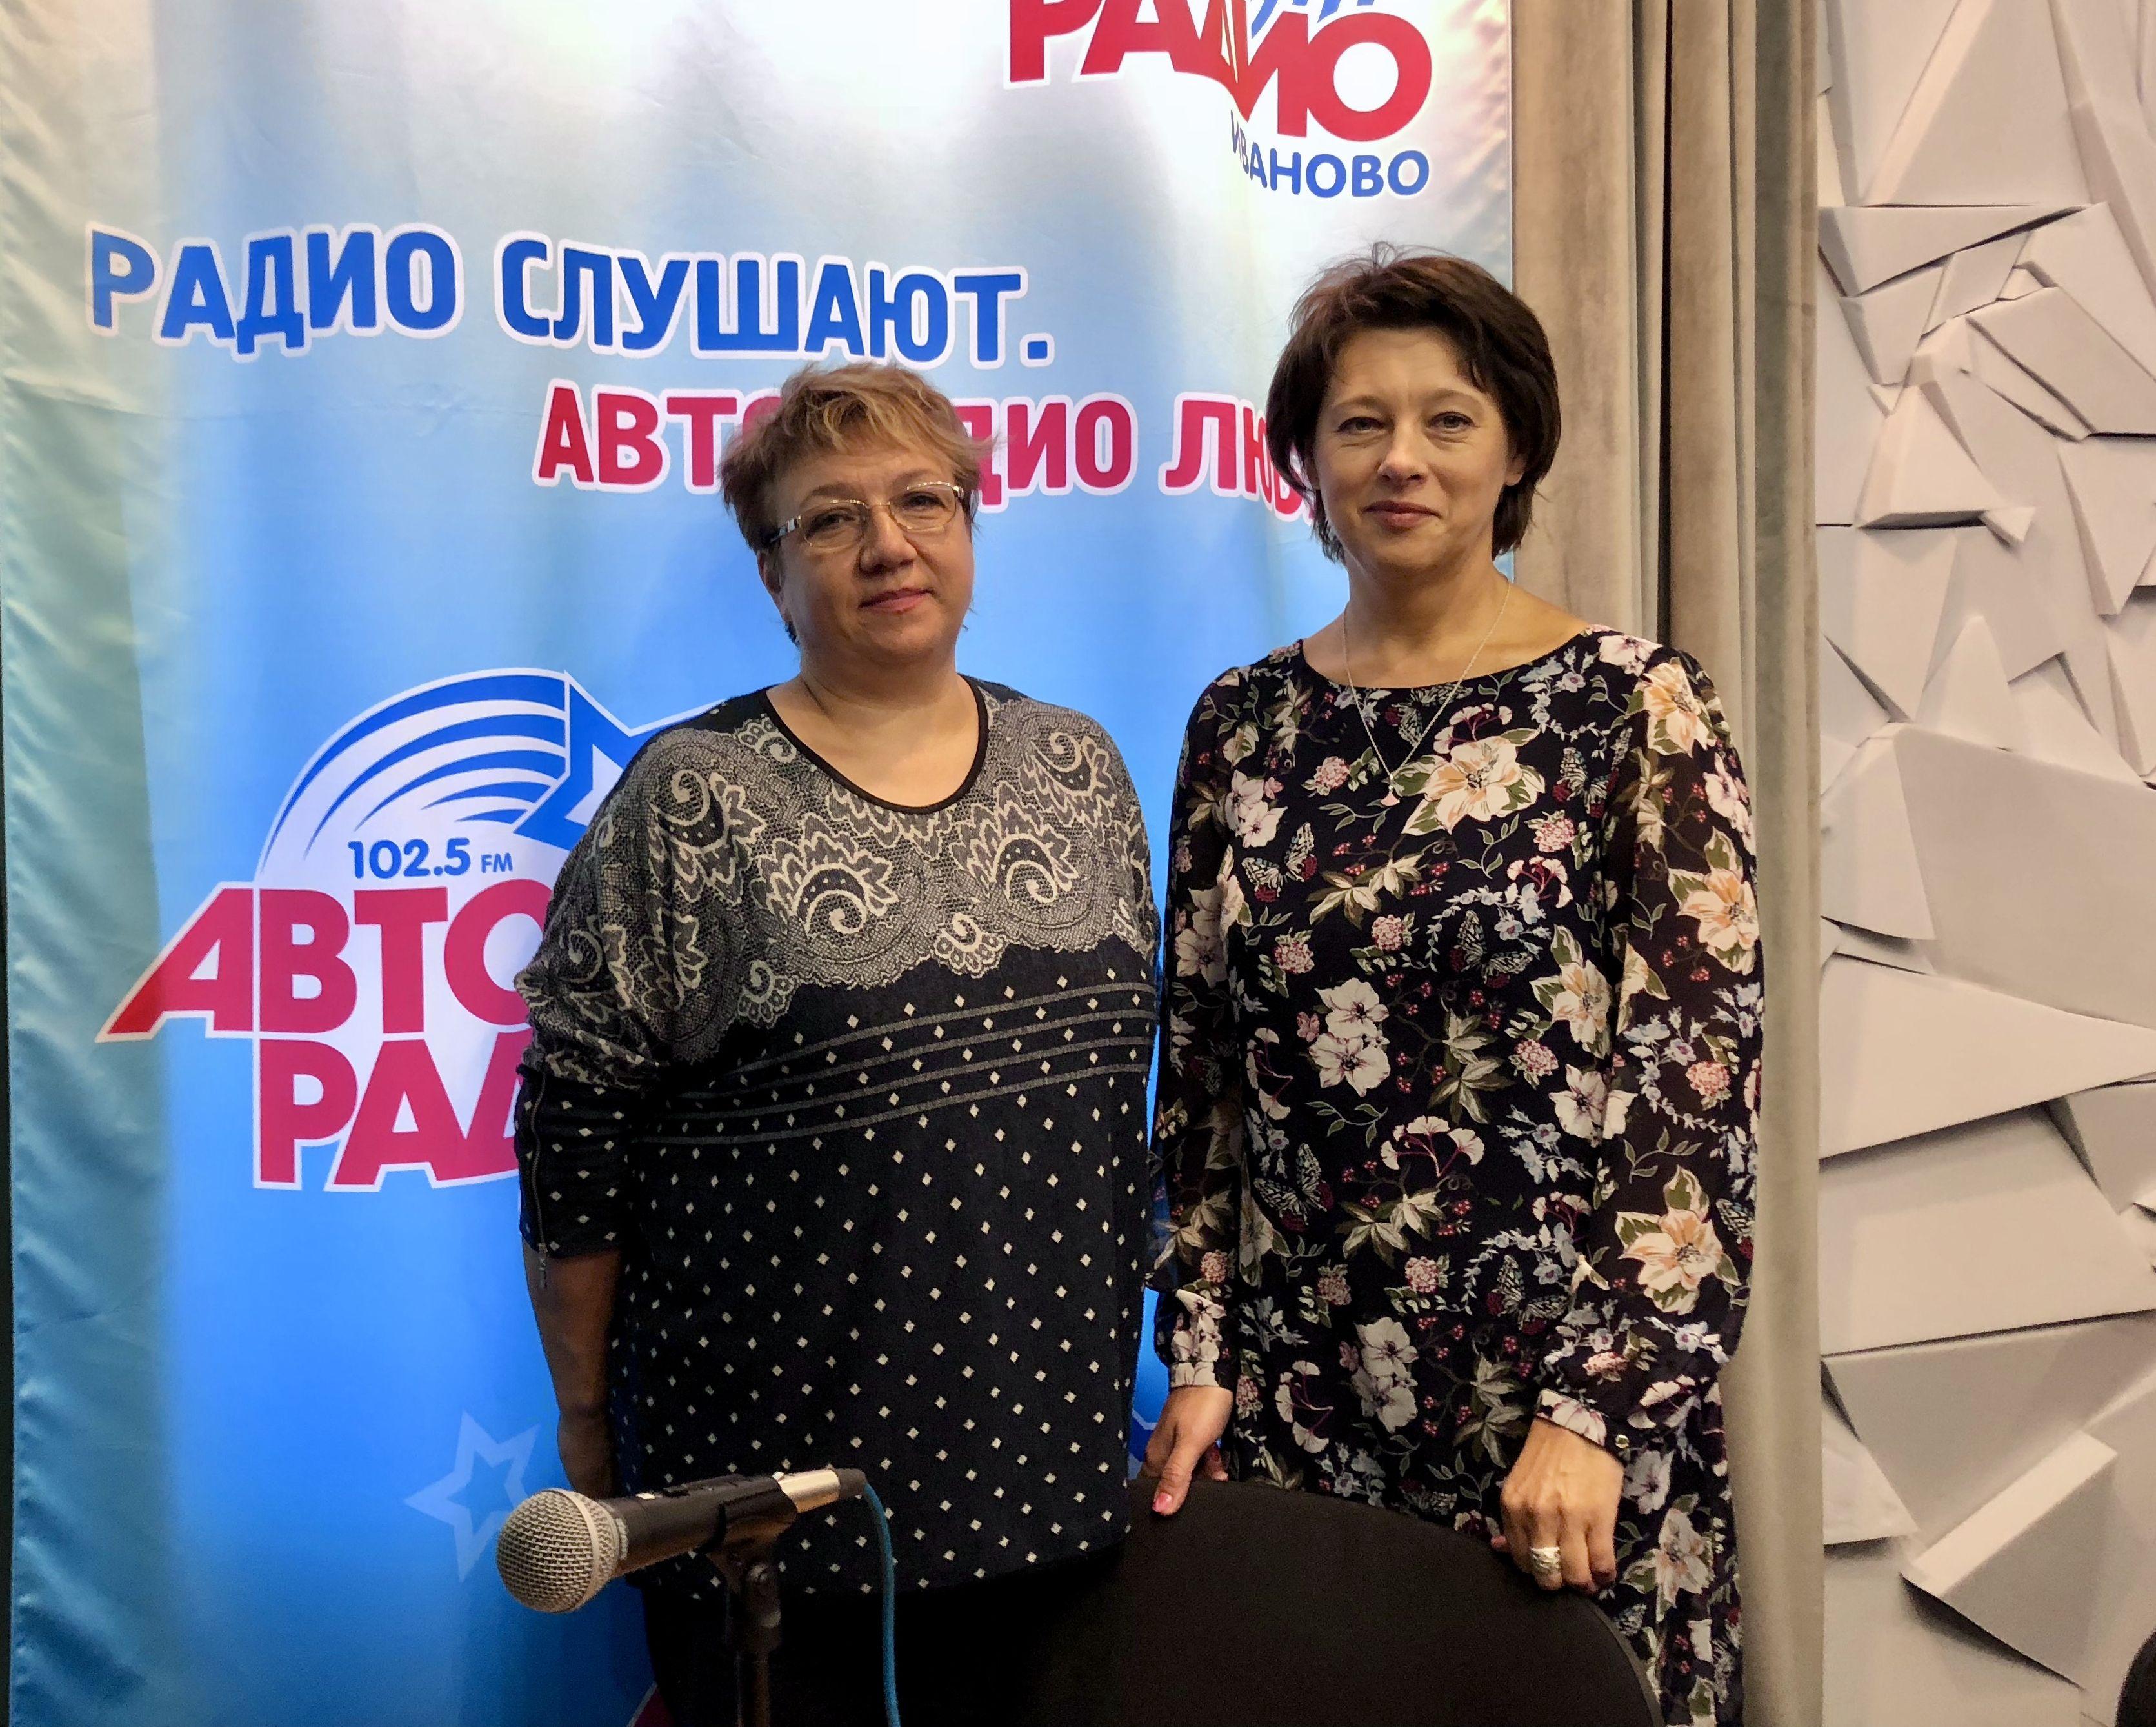 kozlova-barashkova-261018-ar